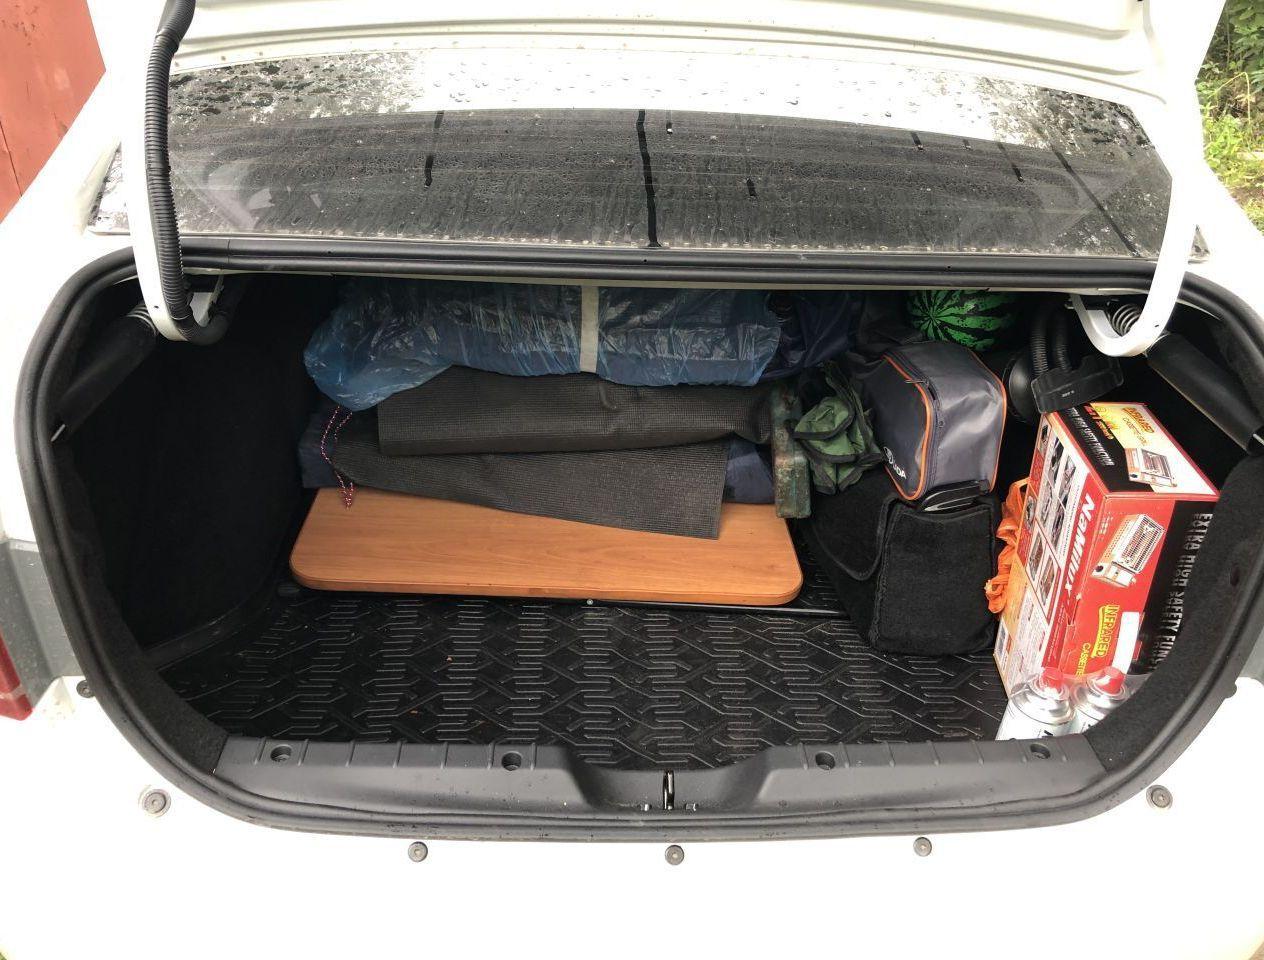 Сборы перед Алтаем. Стол, стулья, палатка, матрац, газовый гриль в коробке справа.